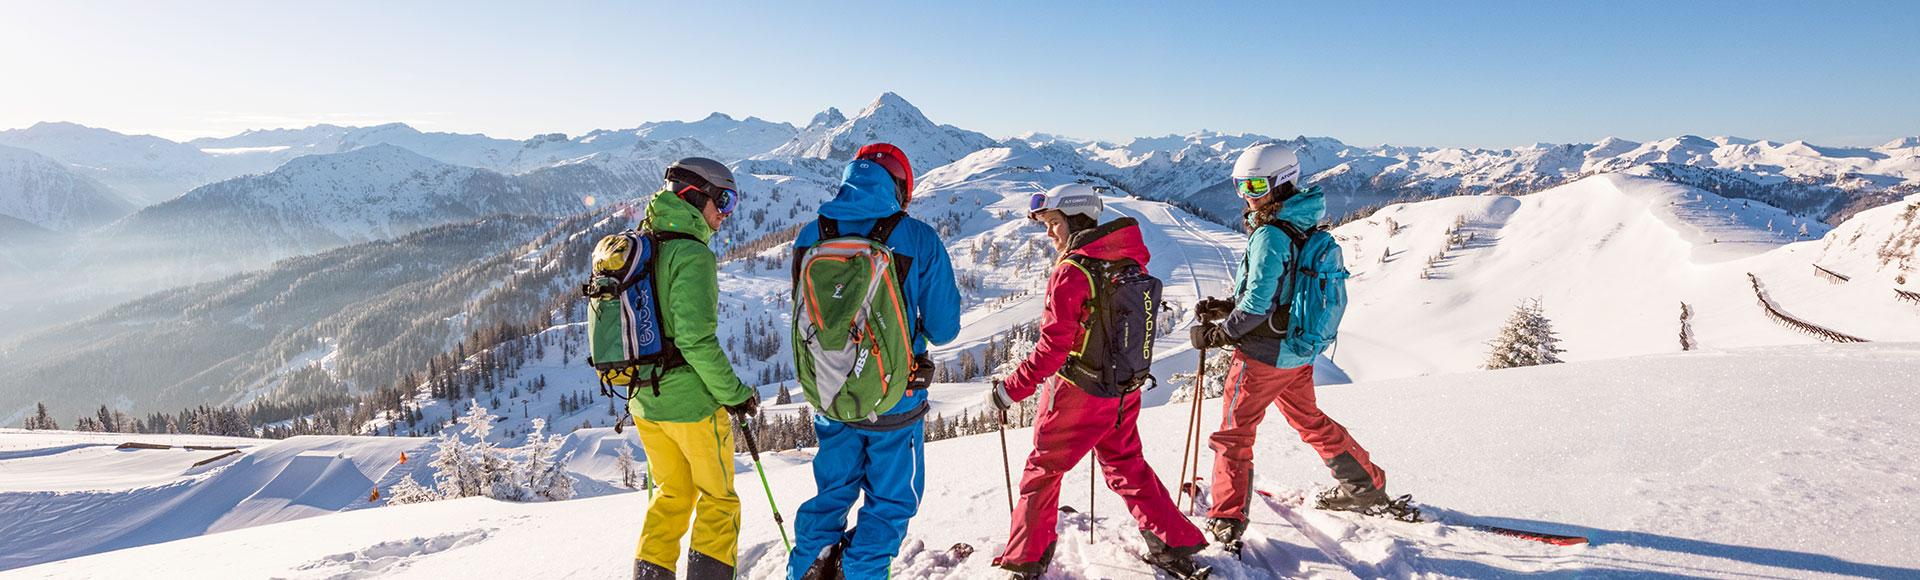 Skifahren - Winterurlaub in Flachau, Ski amadé